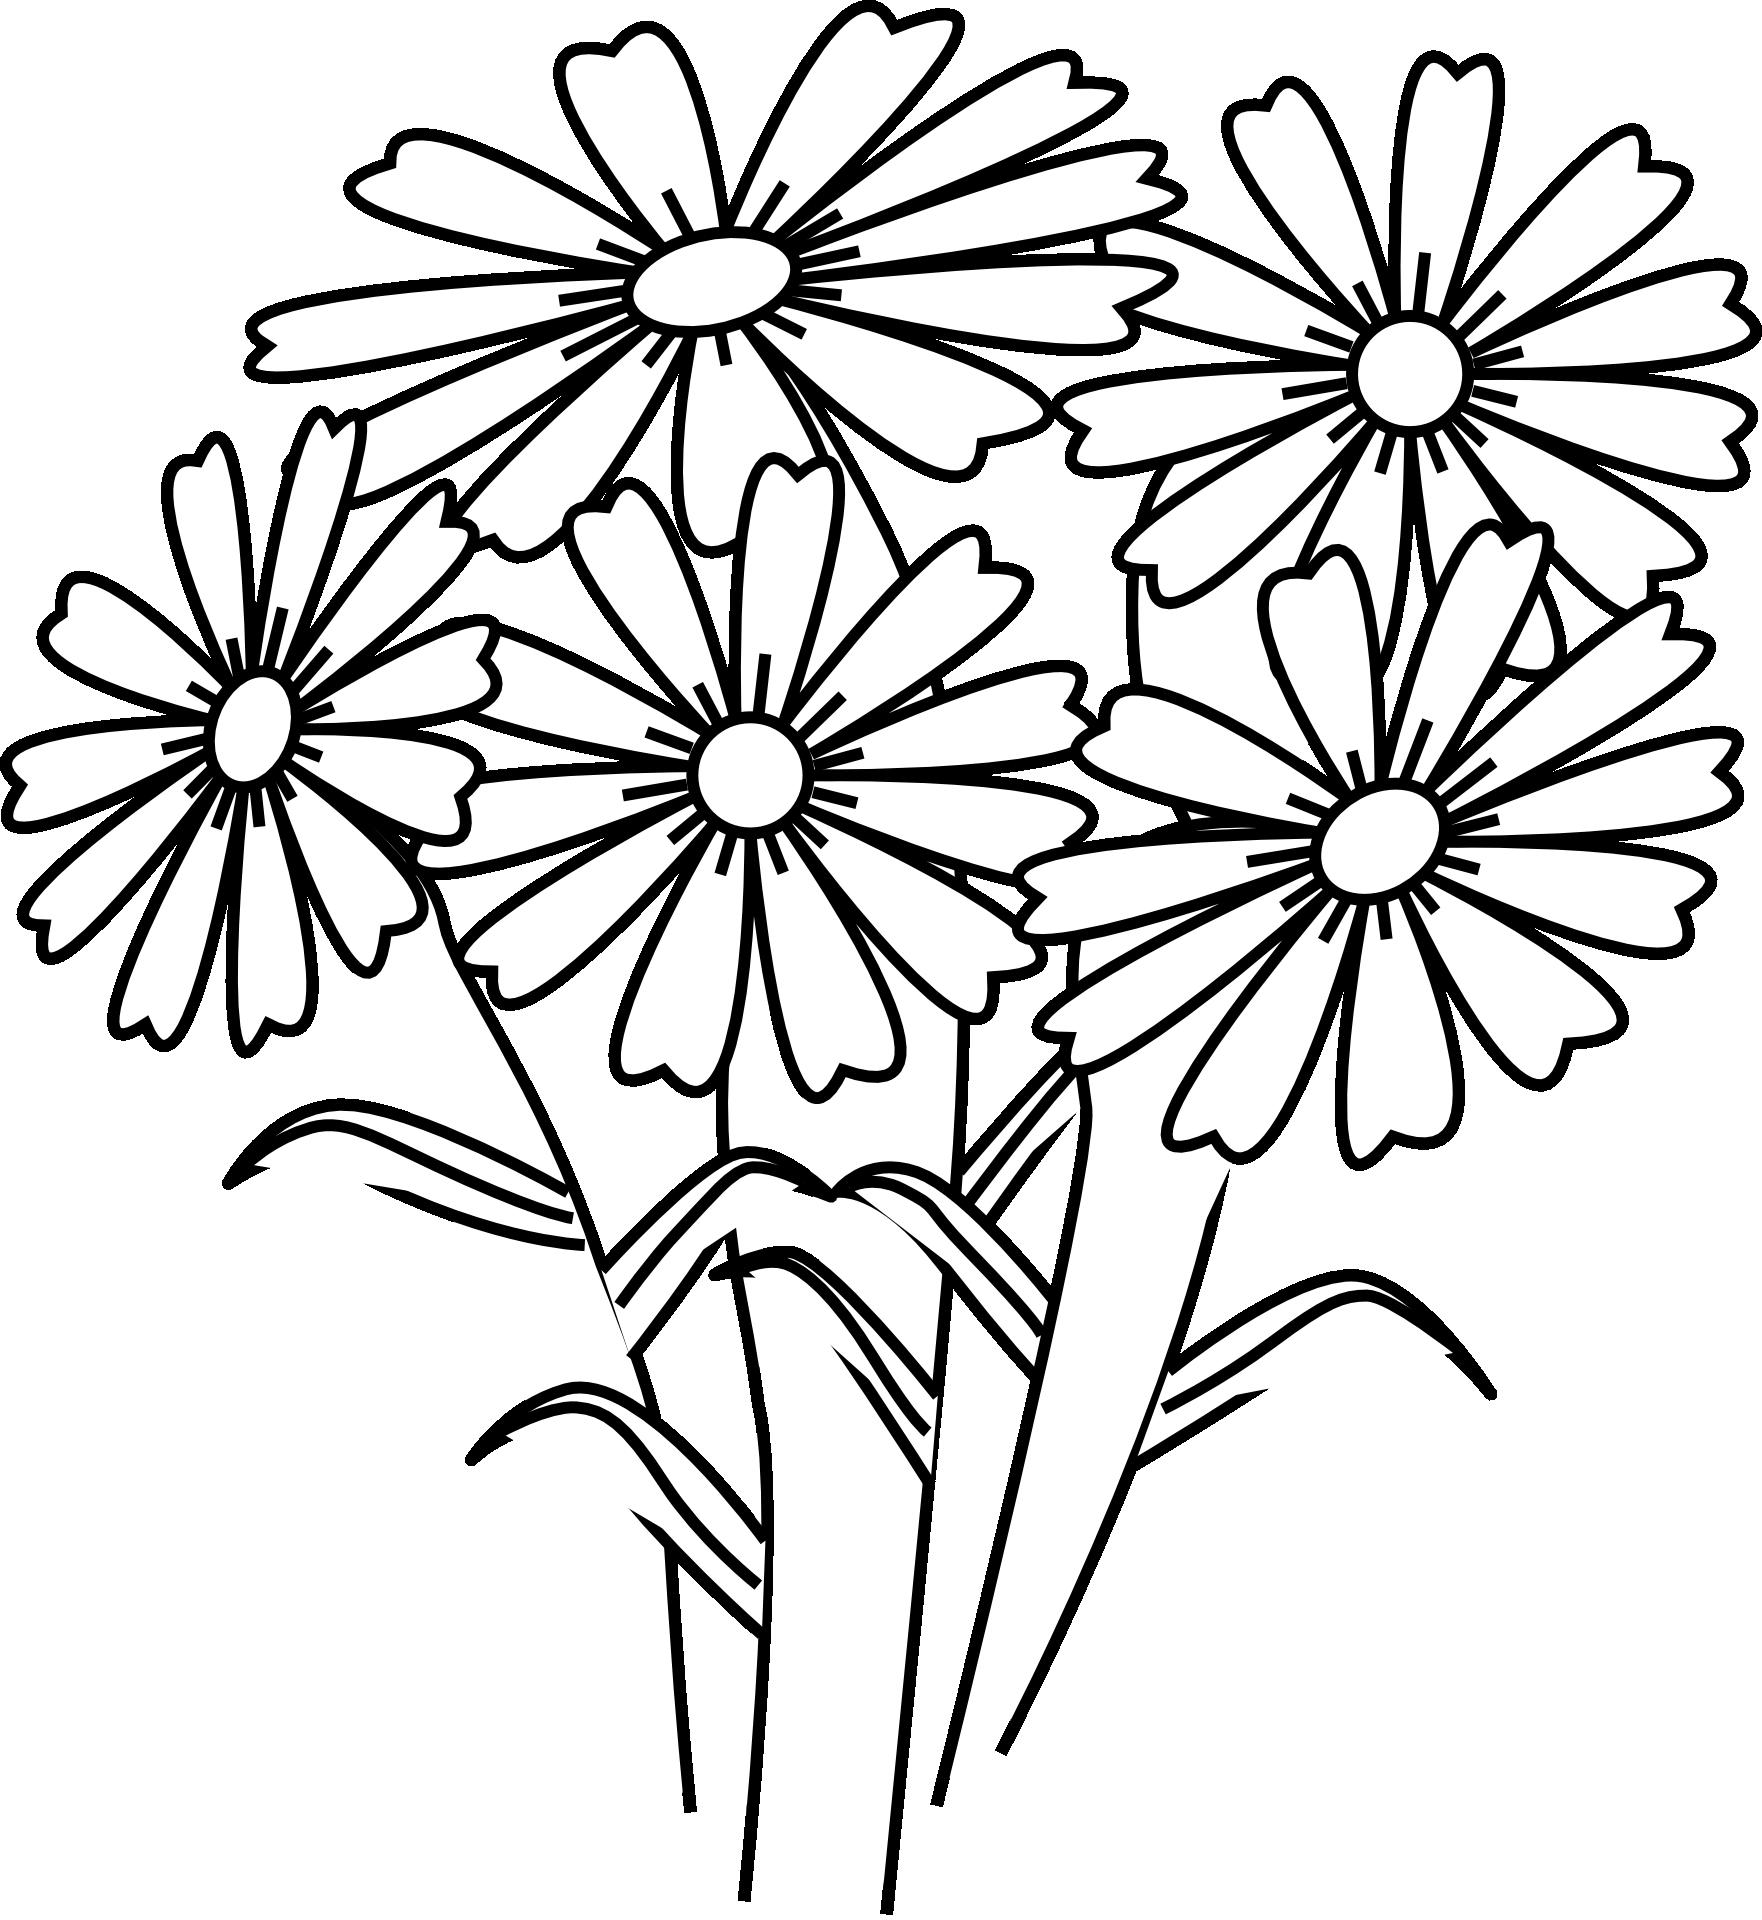 Kwiaty Wzor Kolorowanka Do Druku